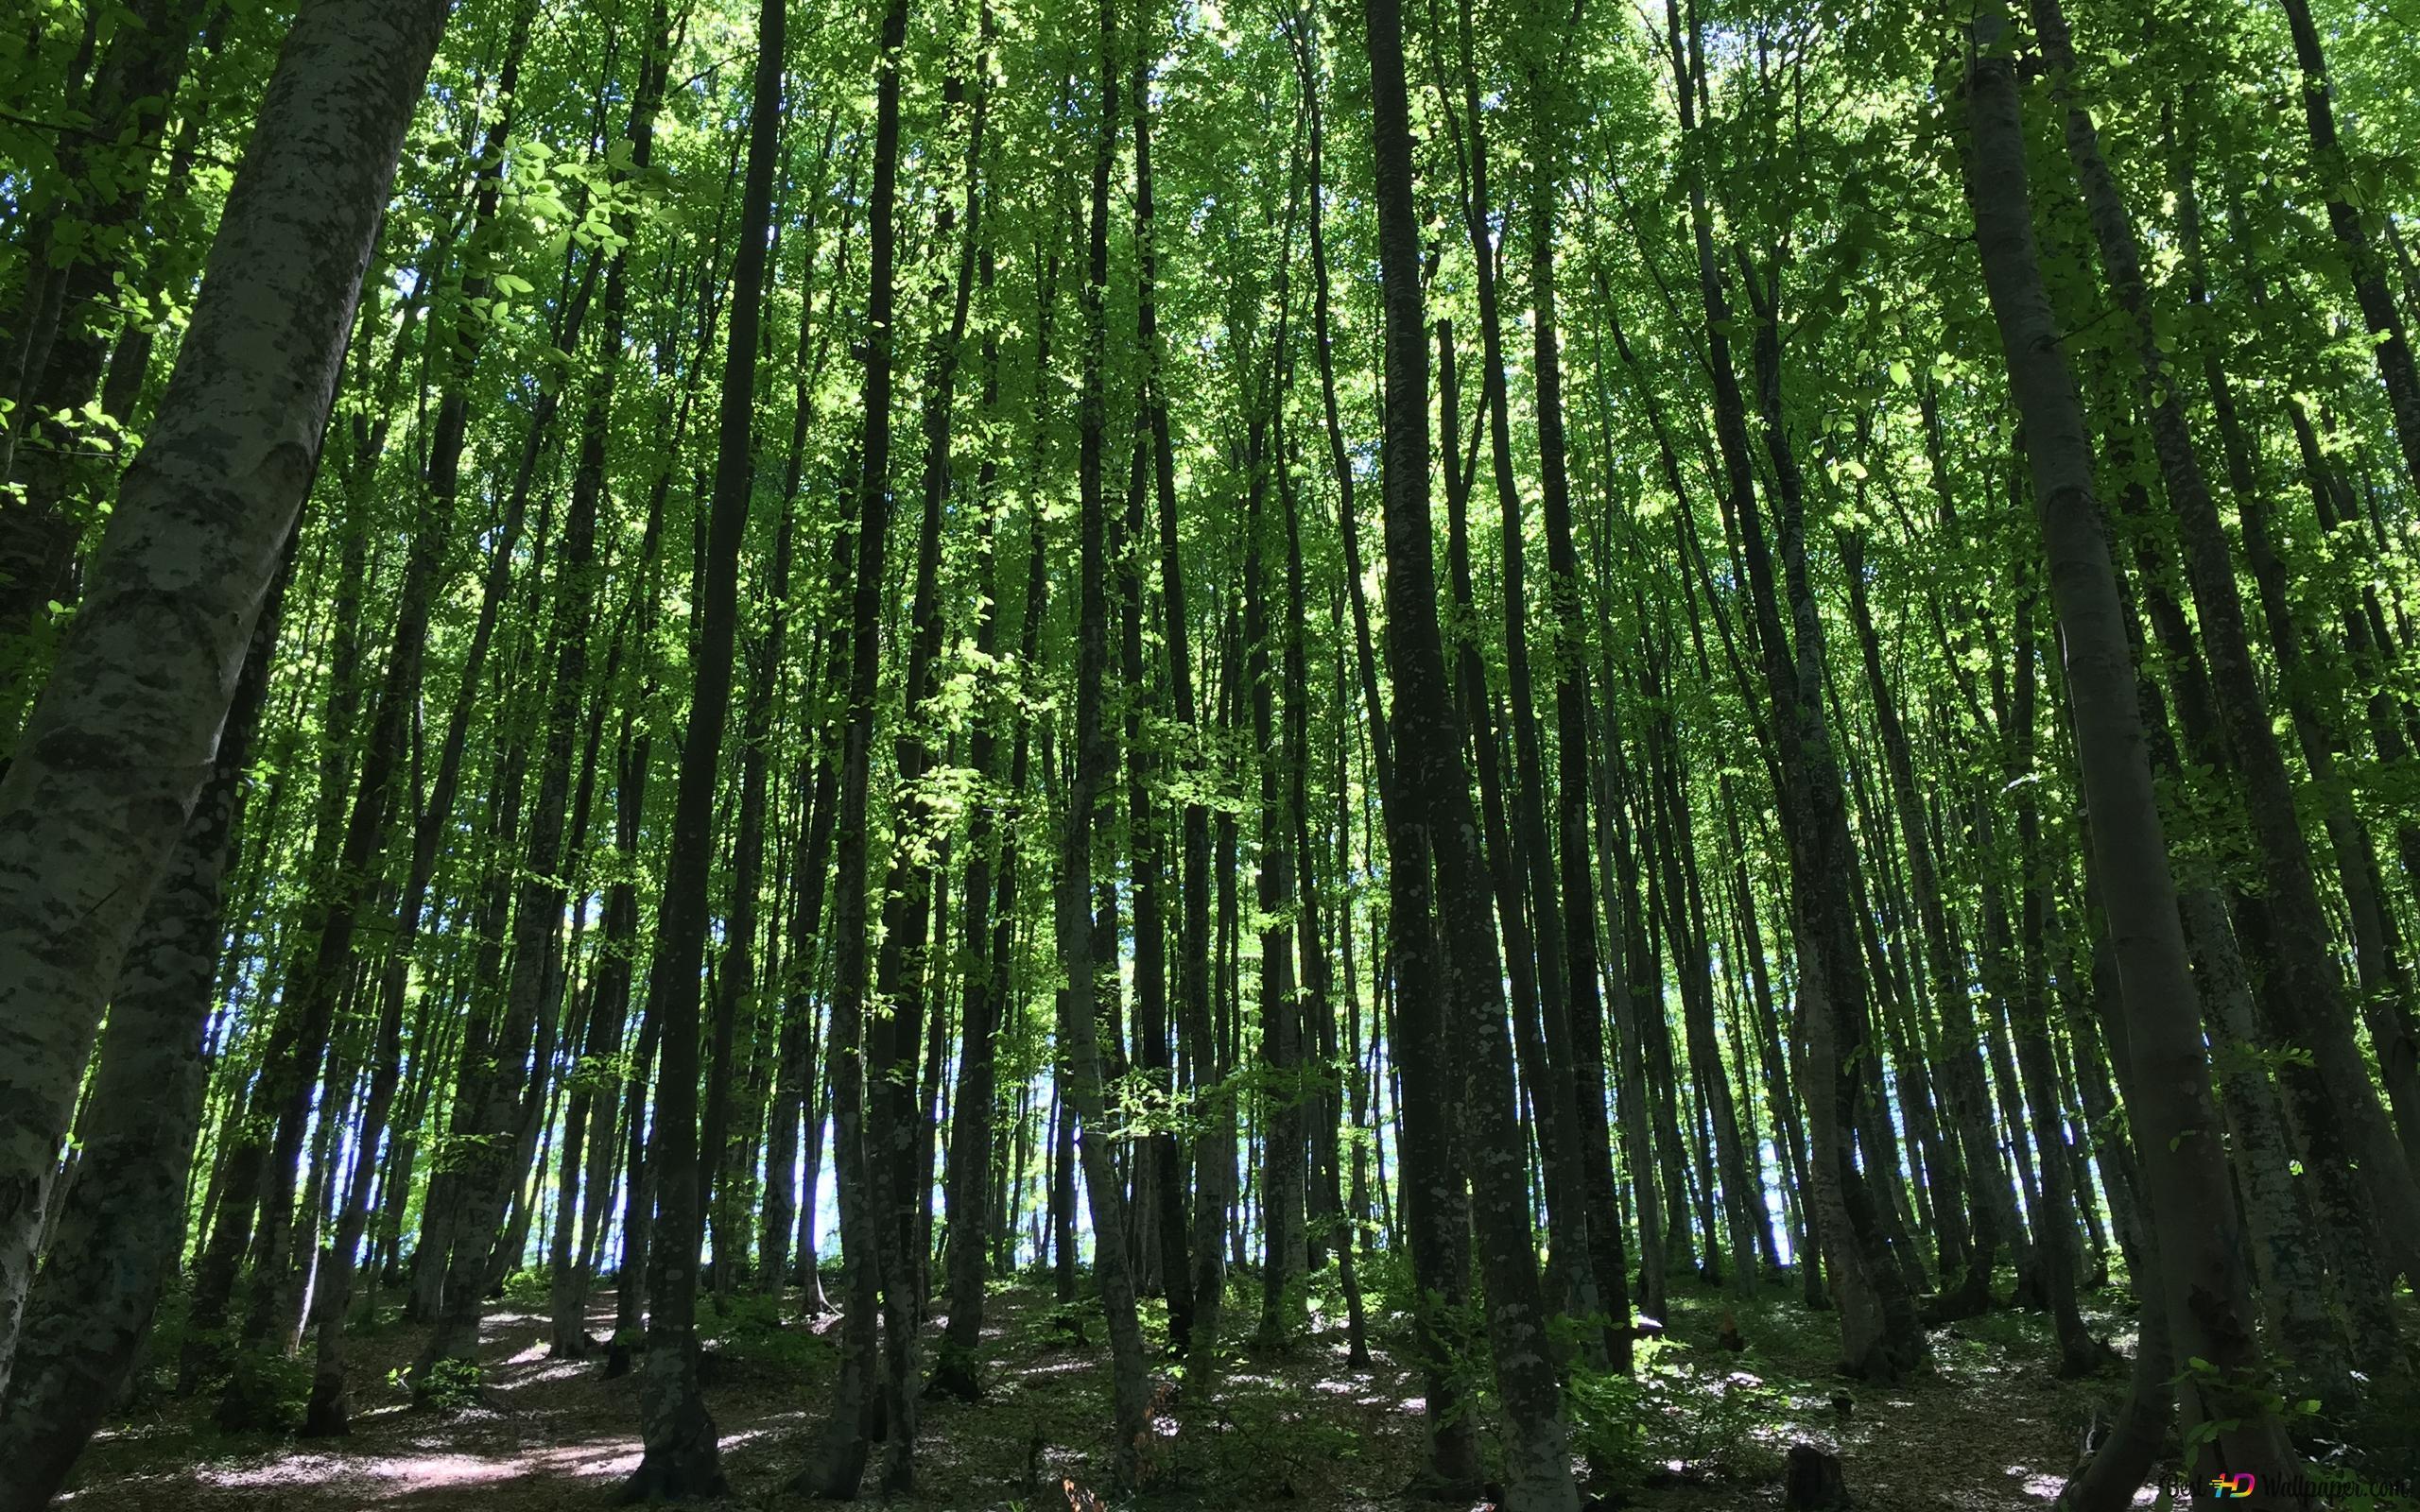 森林の自然の木 Hd壁紙のダウンロード